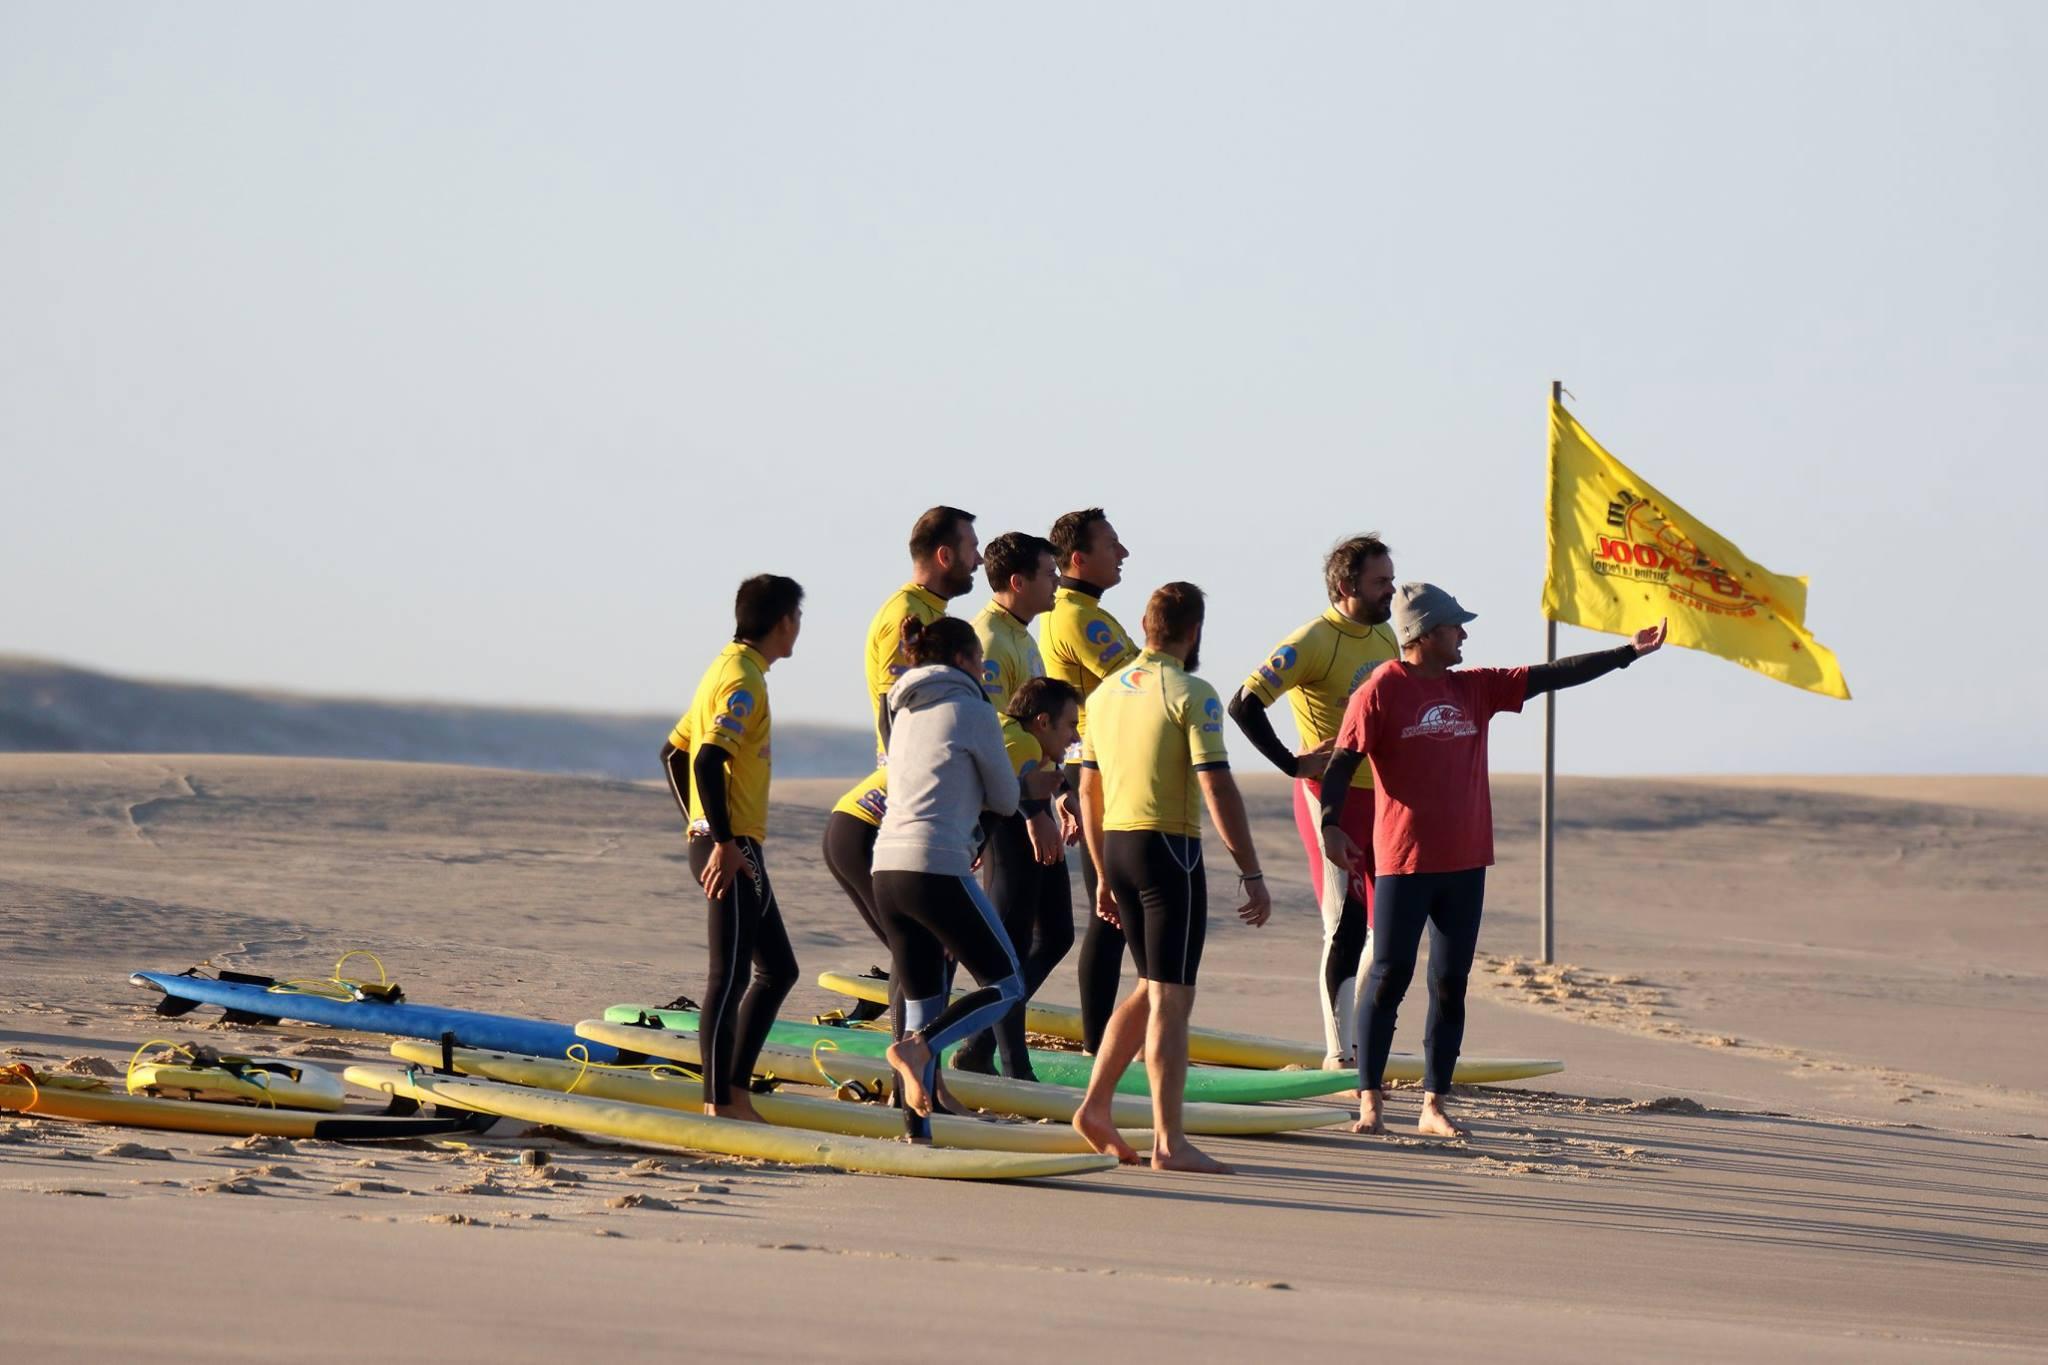 Le Porge surf lessons, classes of surf in Le Porge